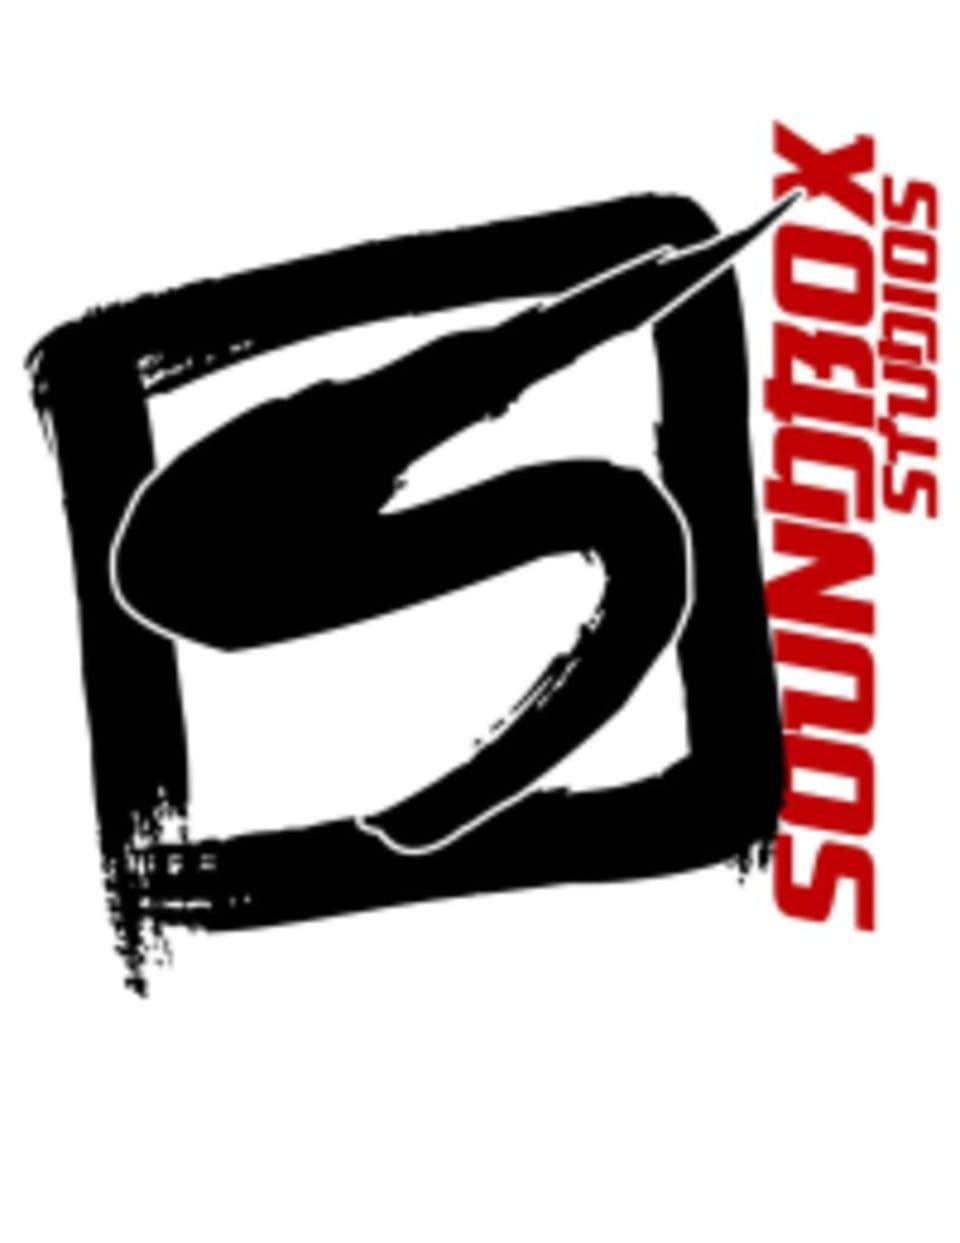 Soundbox Studios logo